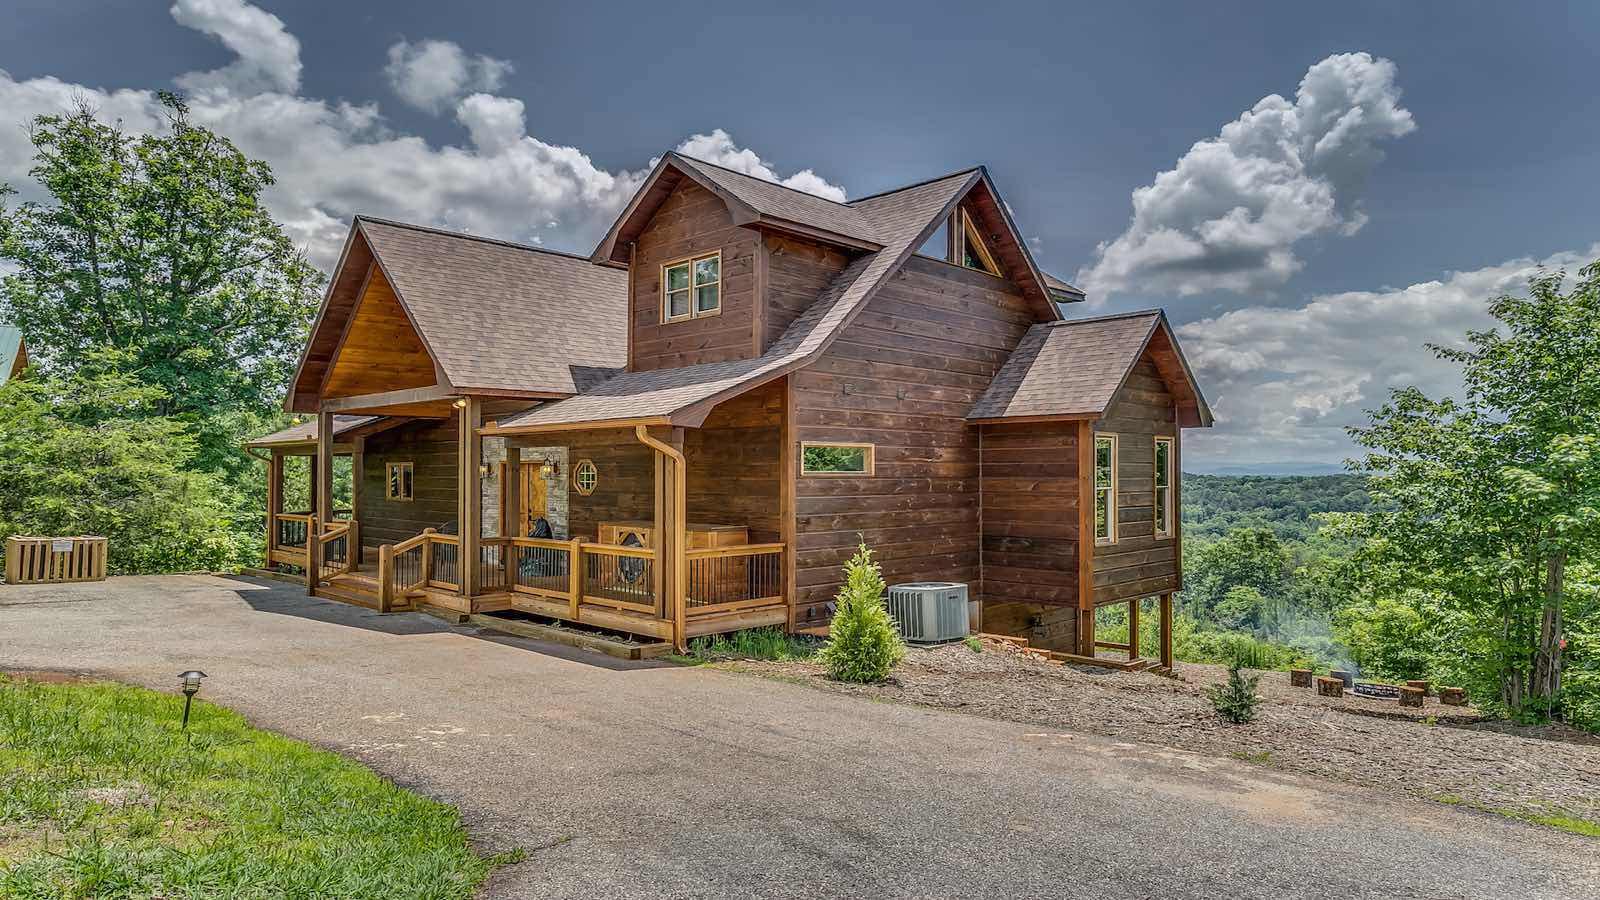 blue pro ridge cabins ga rental sunrise mountain at detailcabin stone cabin